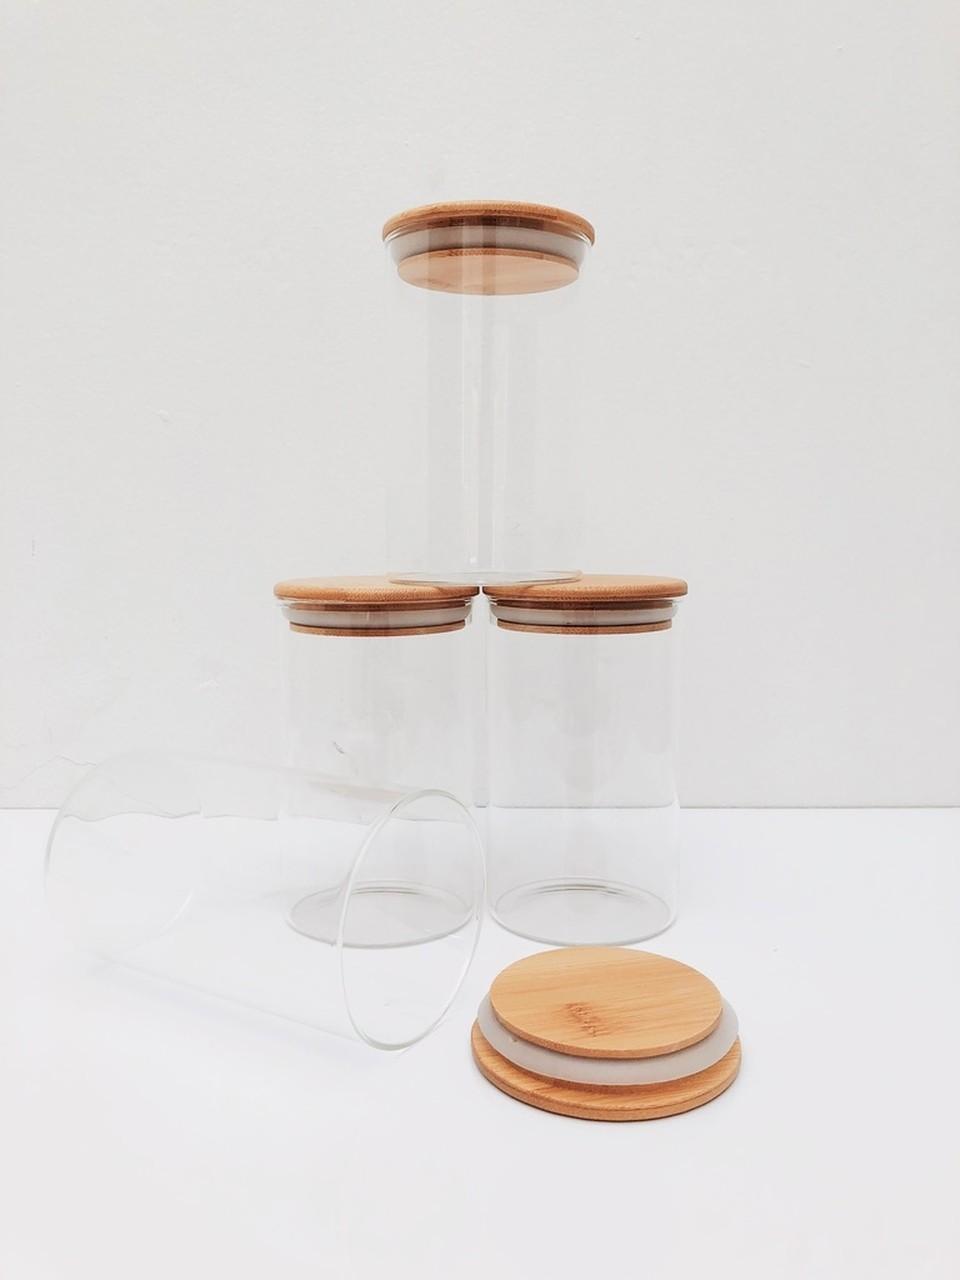 Kit Pote de Vidro com Tampa de Bambu 600ml - 4 Peças  - CASACOBRE